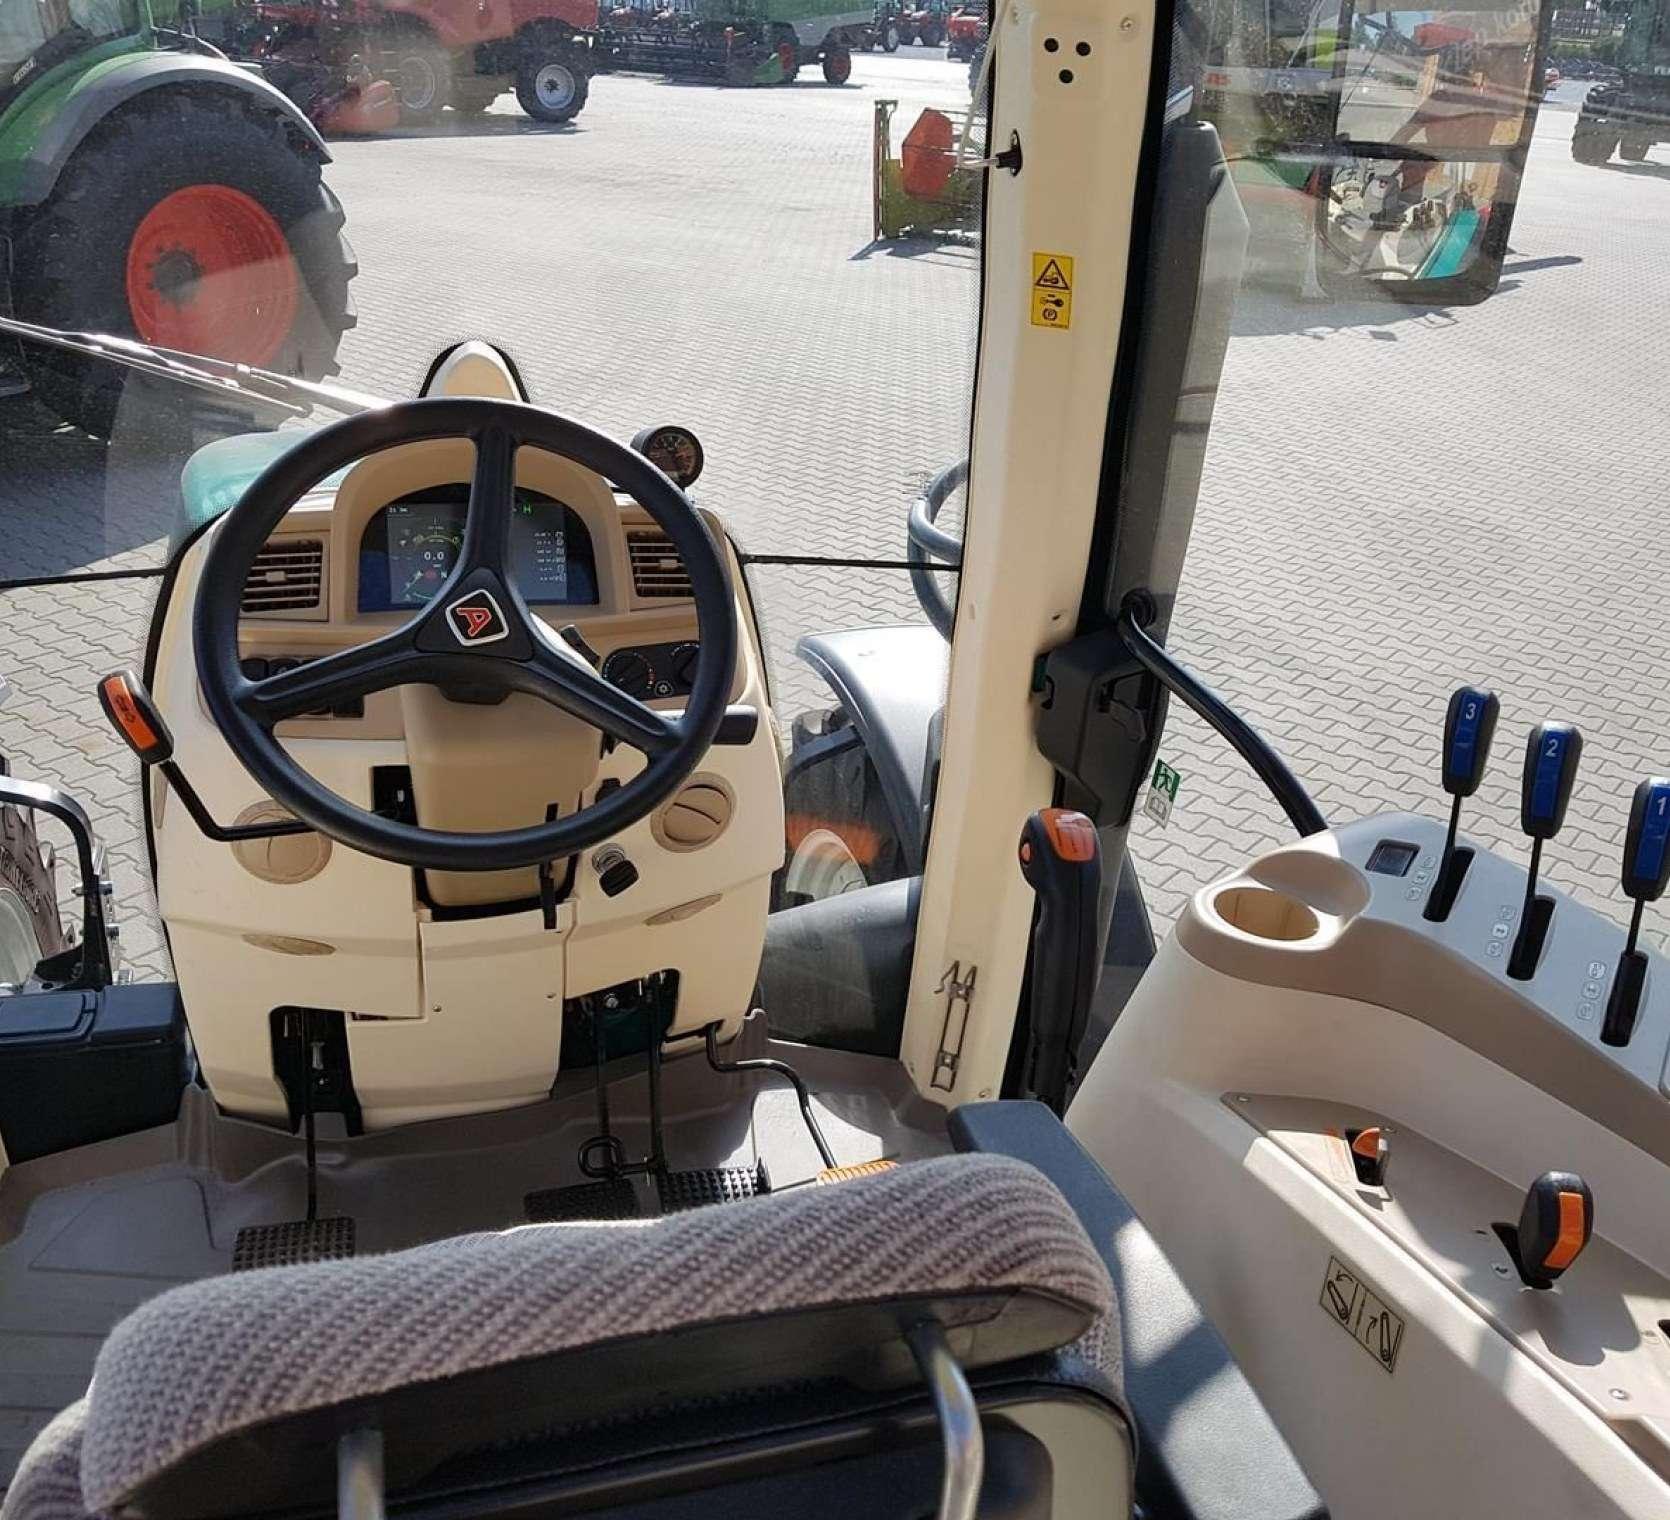 wnetrze kabiny widok na kierownice deske rozdzielcza fotel i wajchy z prawej